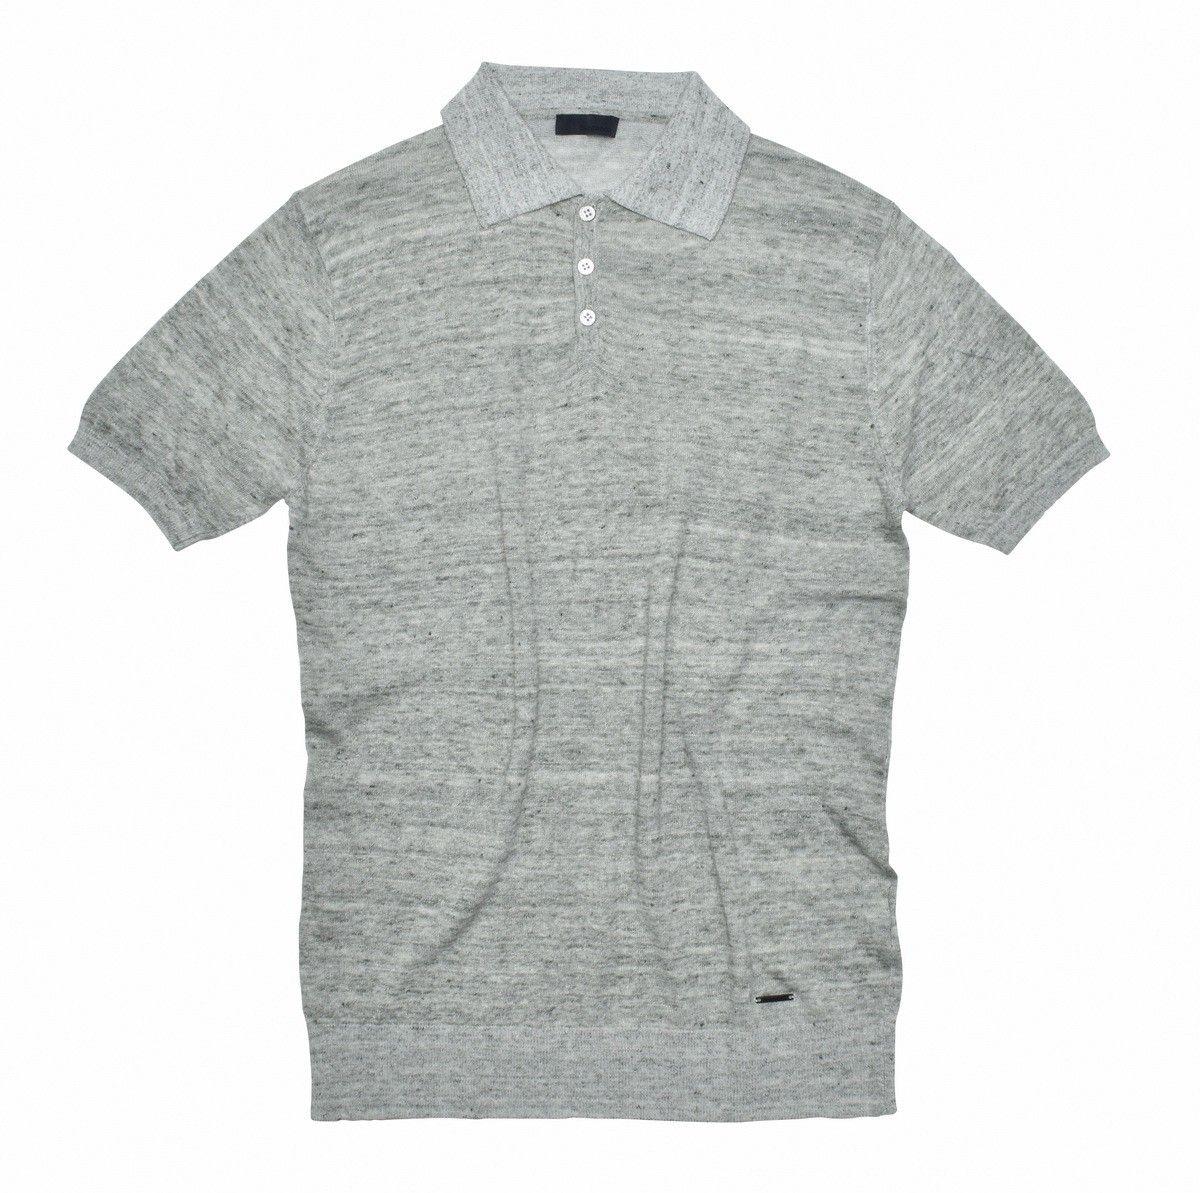 DRAKEWOOD - Herren Polo T-Shirt Kit - Venice